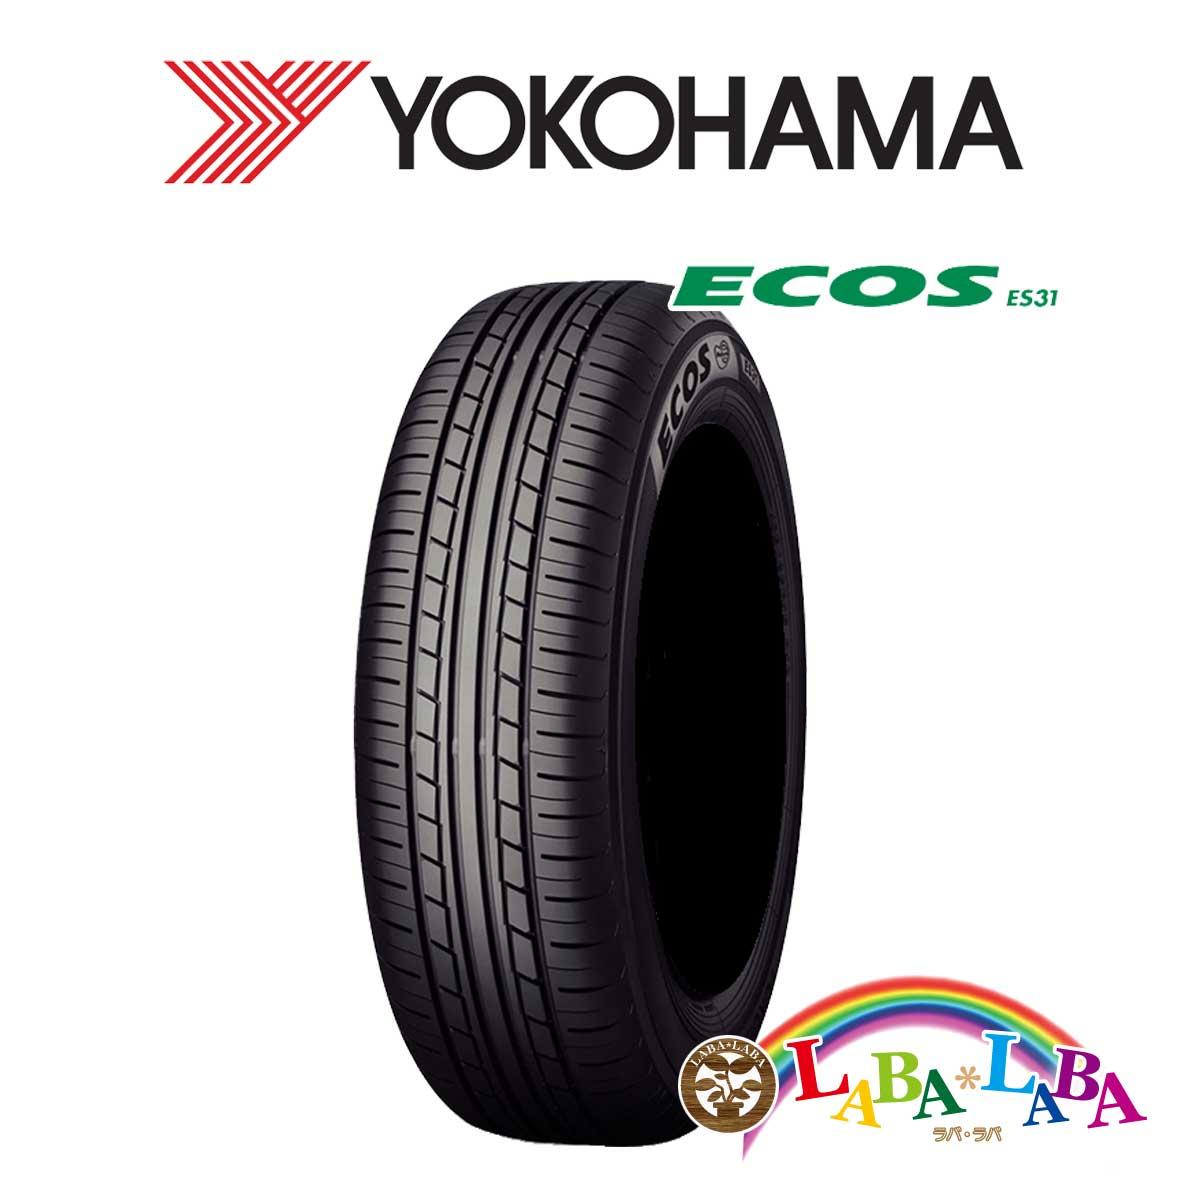 YOKOHAMA ヨコハマ ECOS エコス ES31 185/60R16 86H サマータイヤ 4本セット